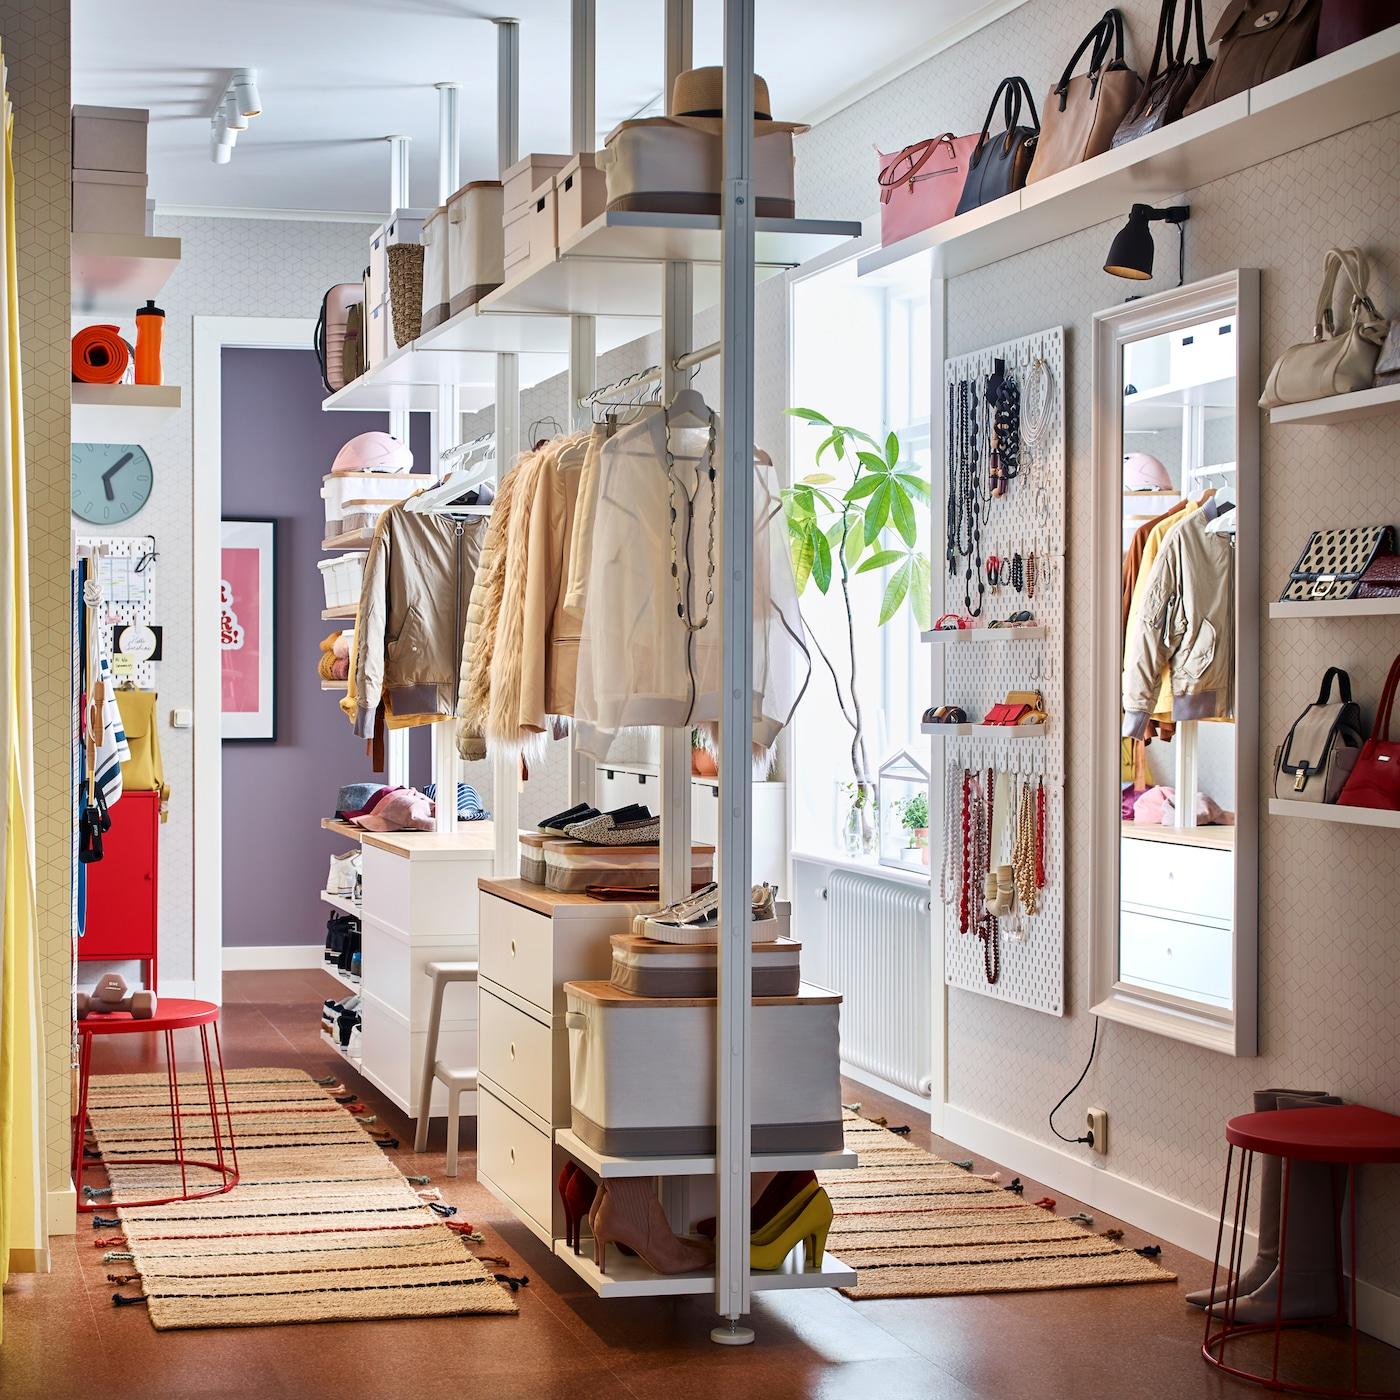 In una cabina armadio stretta è stata creata una combinazione a giorno ELVARLI bianca, completa di bastoni appendiabiti e cassetti. Questa combinazione è al centro della cabina armadio, così è possibile sfruttare le pareti con mensole e altre soluzioni per organizzare vestiti e accessori – IKEA